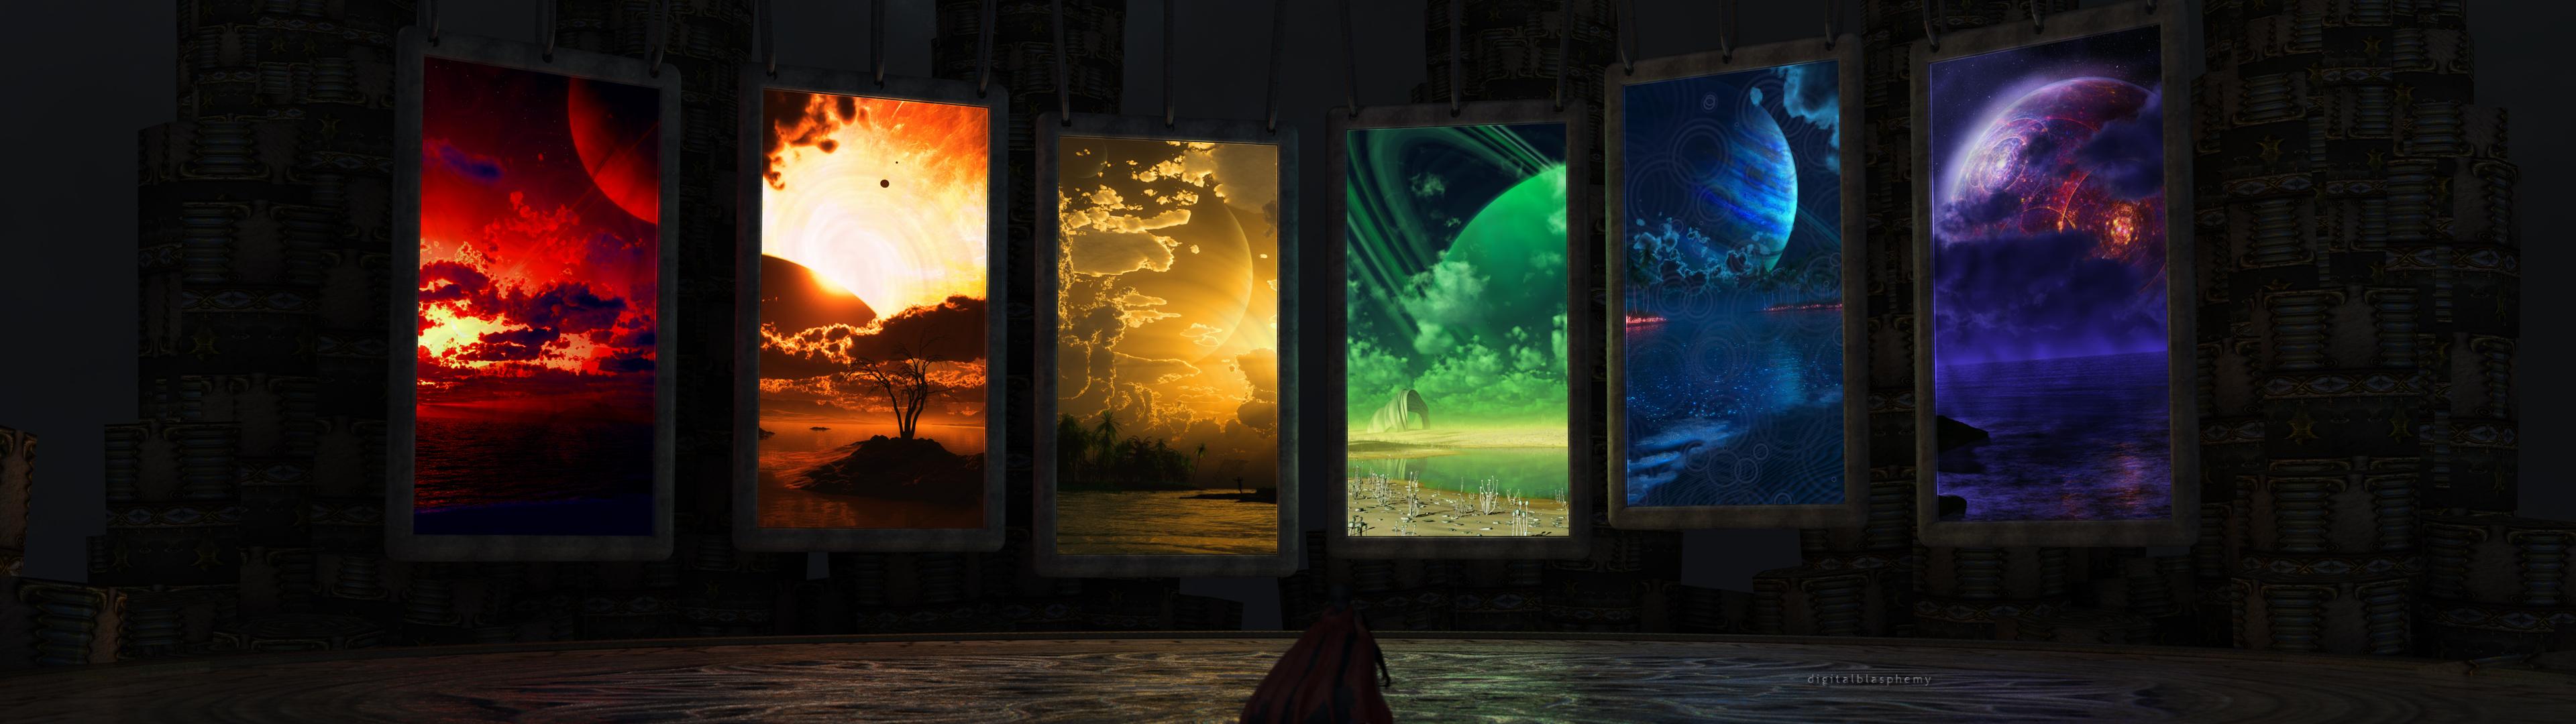 dual screen monitor hd wallpaper download giraffe 3840 x 85 4 hd 3840x1080